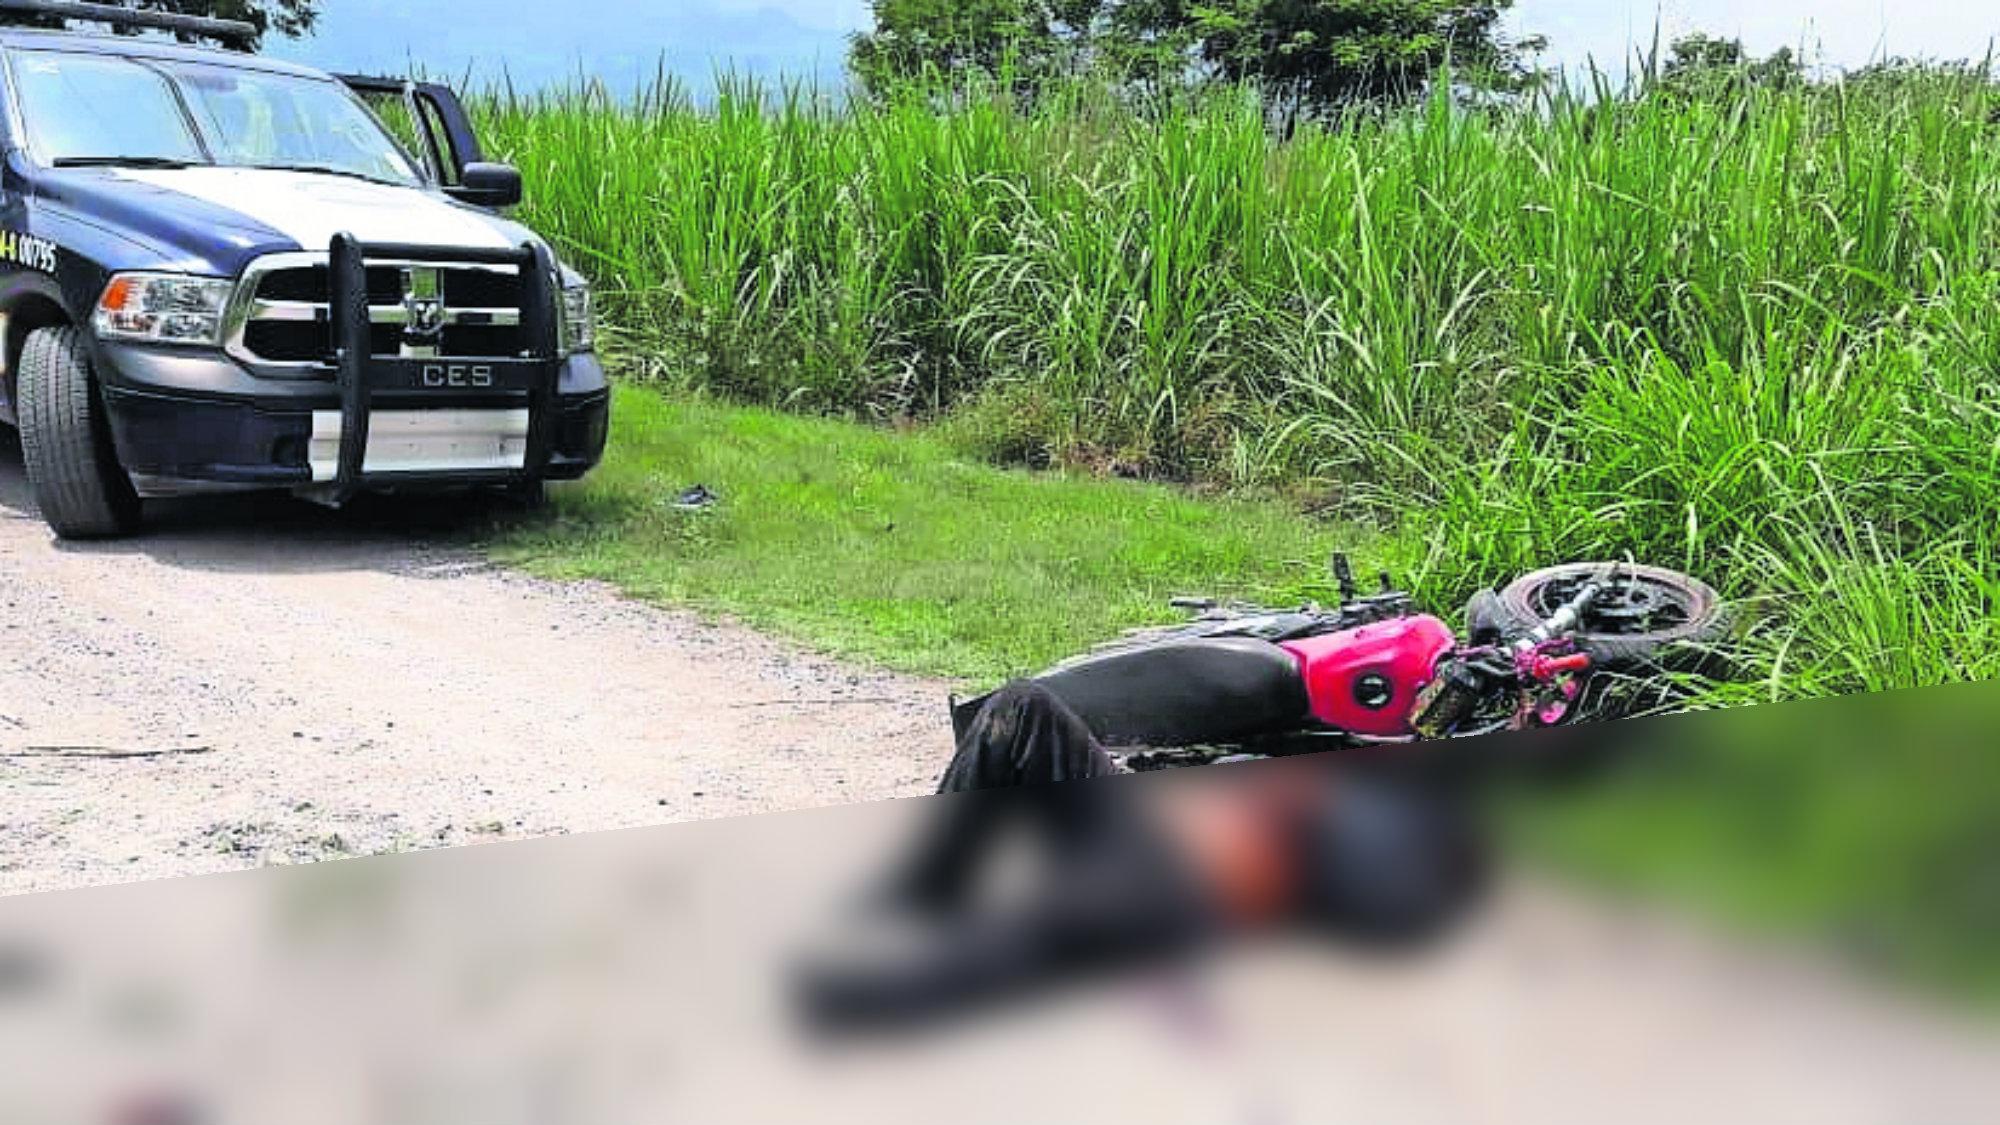 Motosicarios derrapan Asesina muerta Homicidas muertos Morelos